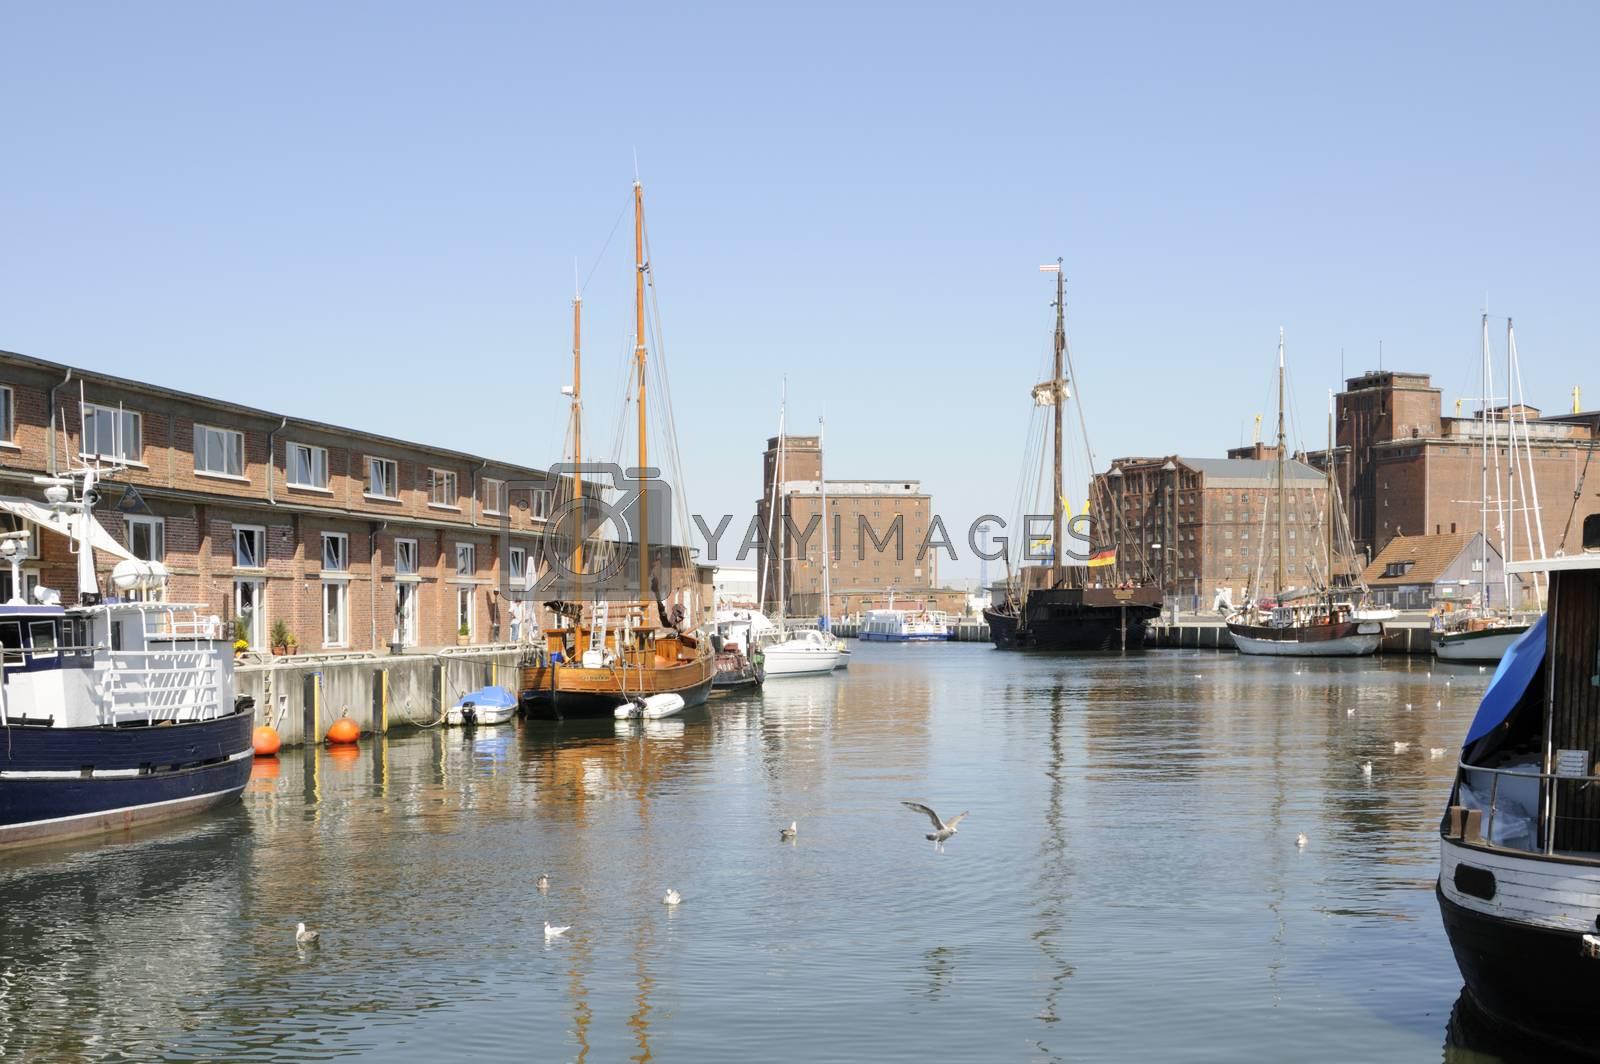 Port of Wismar, Germany.